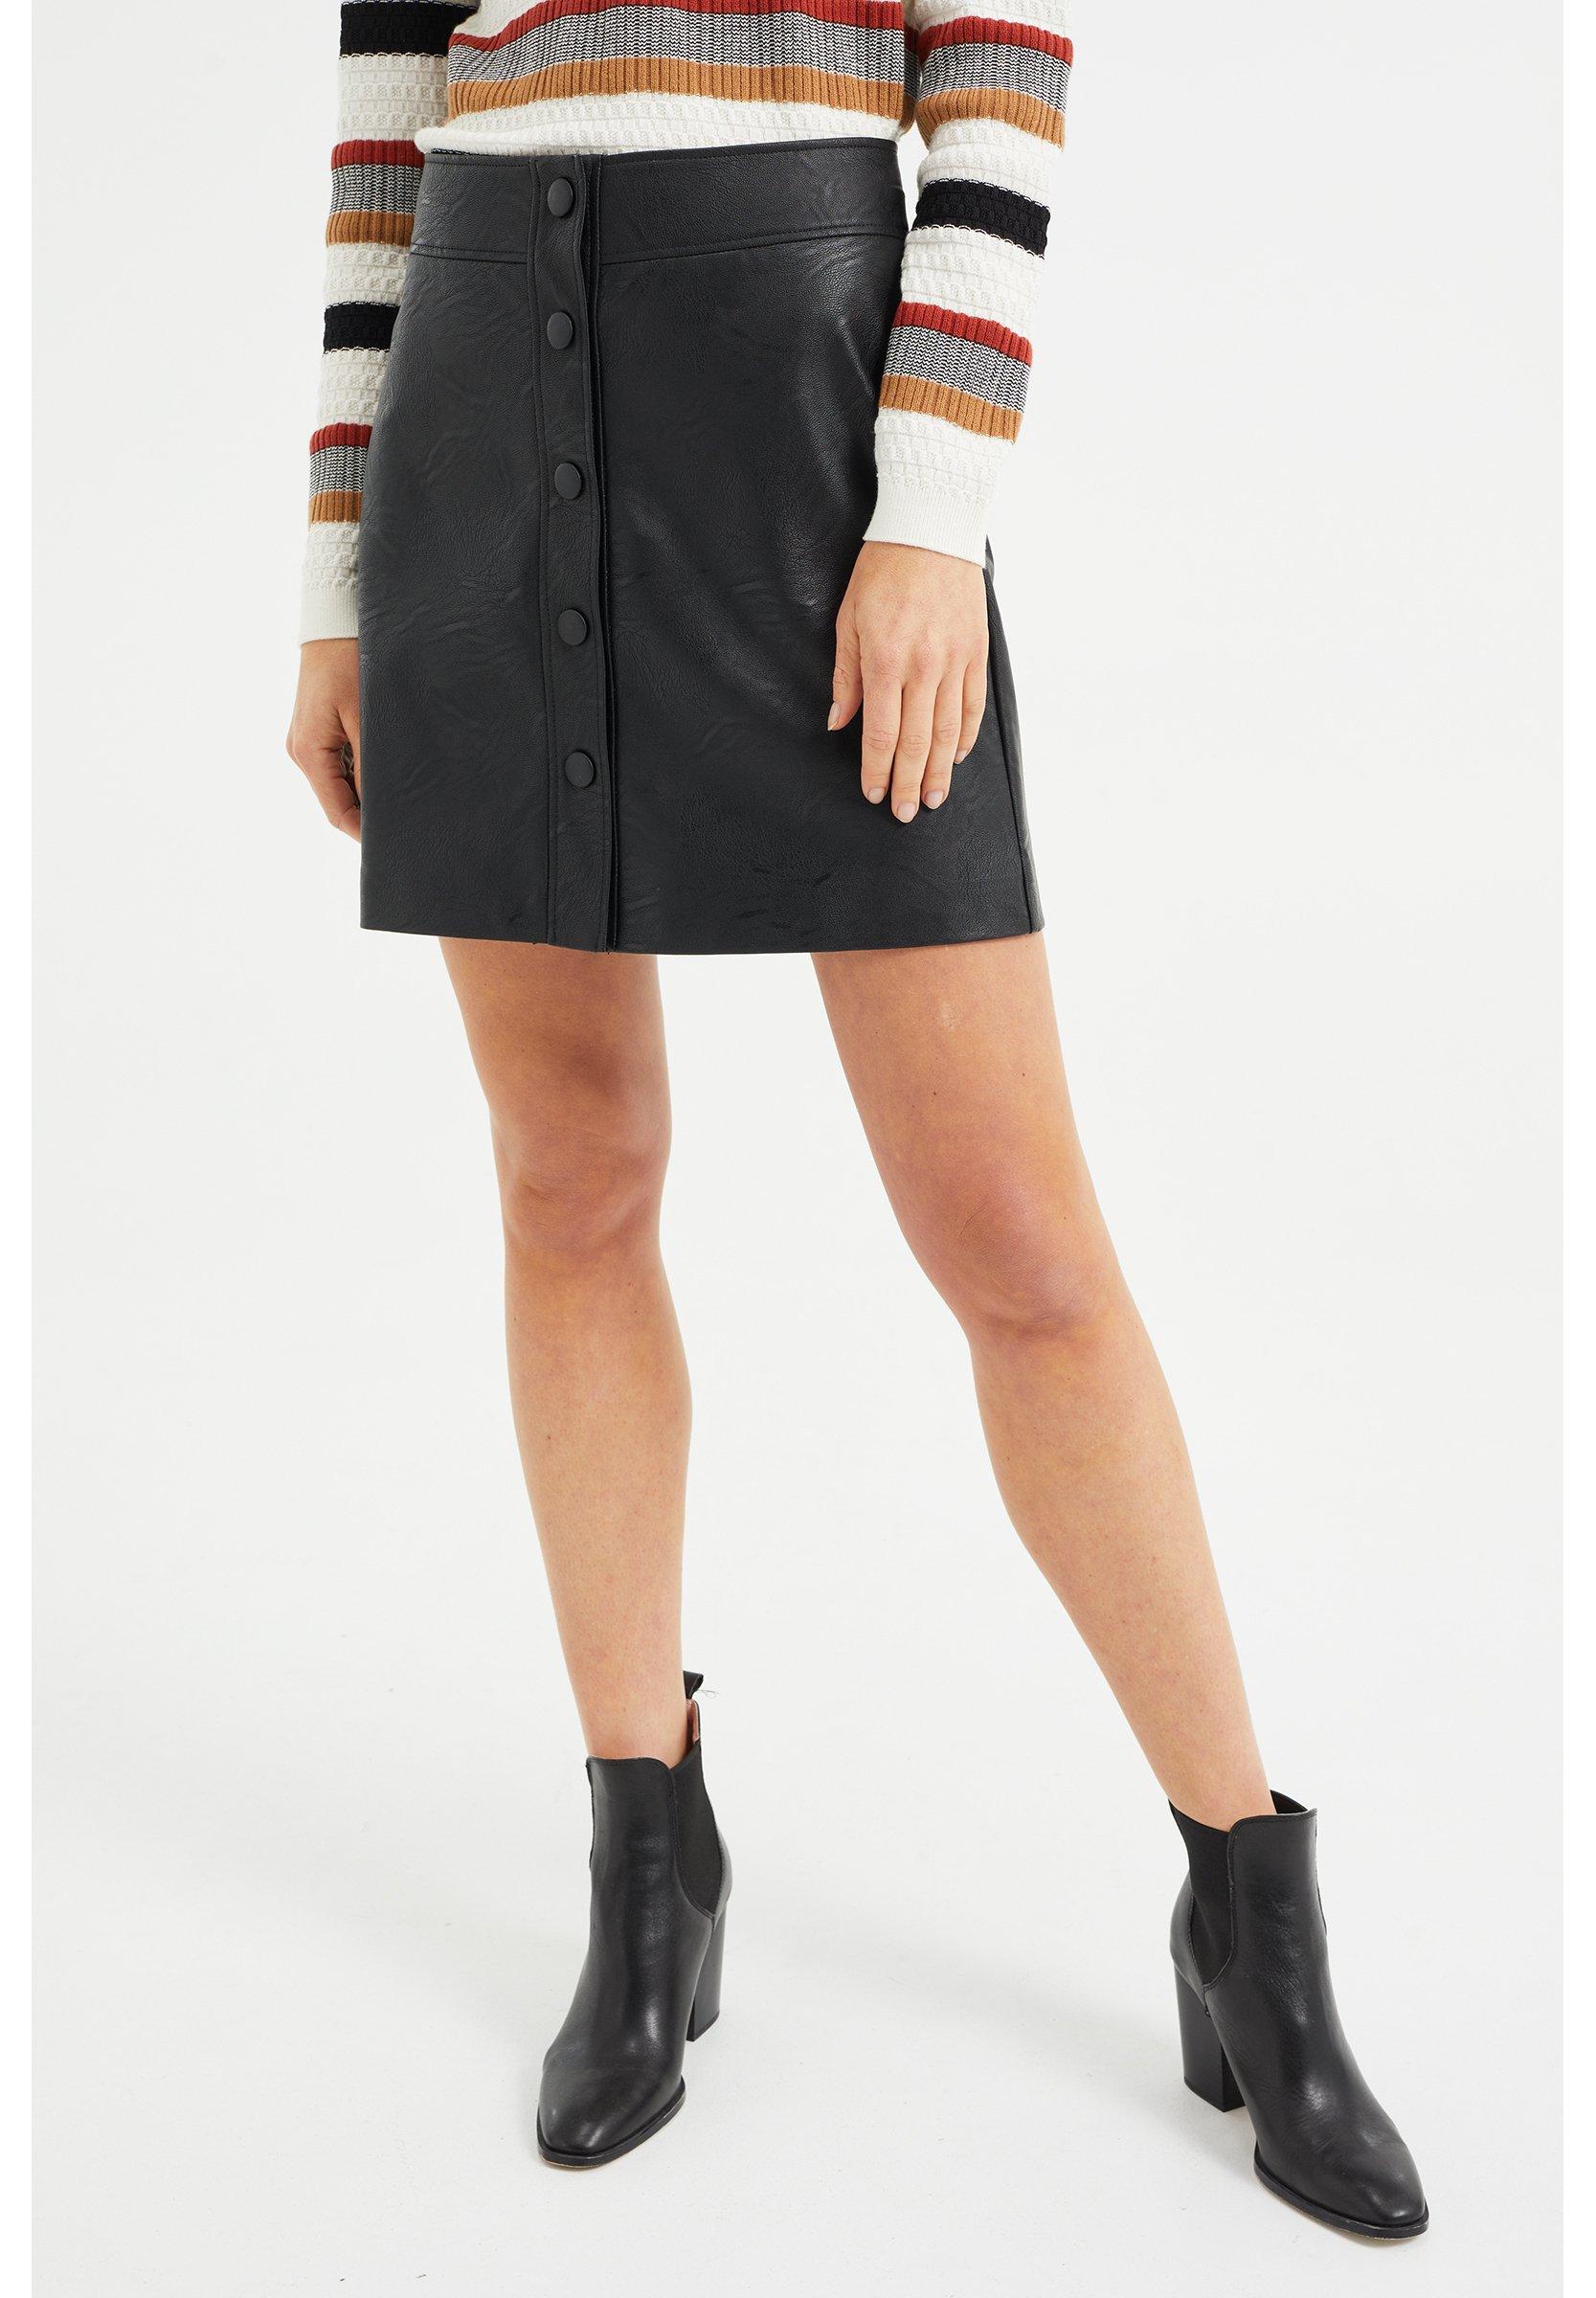 Femme KNOOPSLUITING - Jupe en cuir